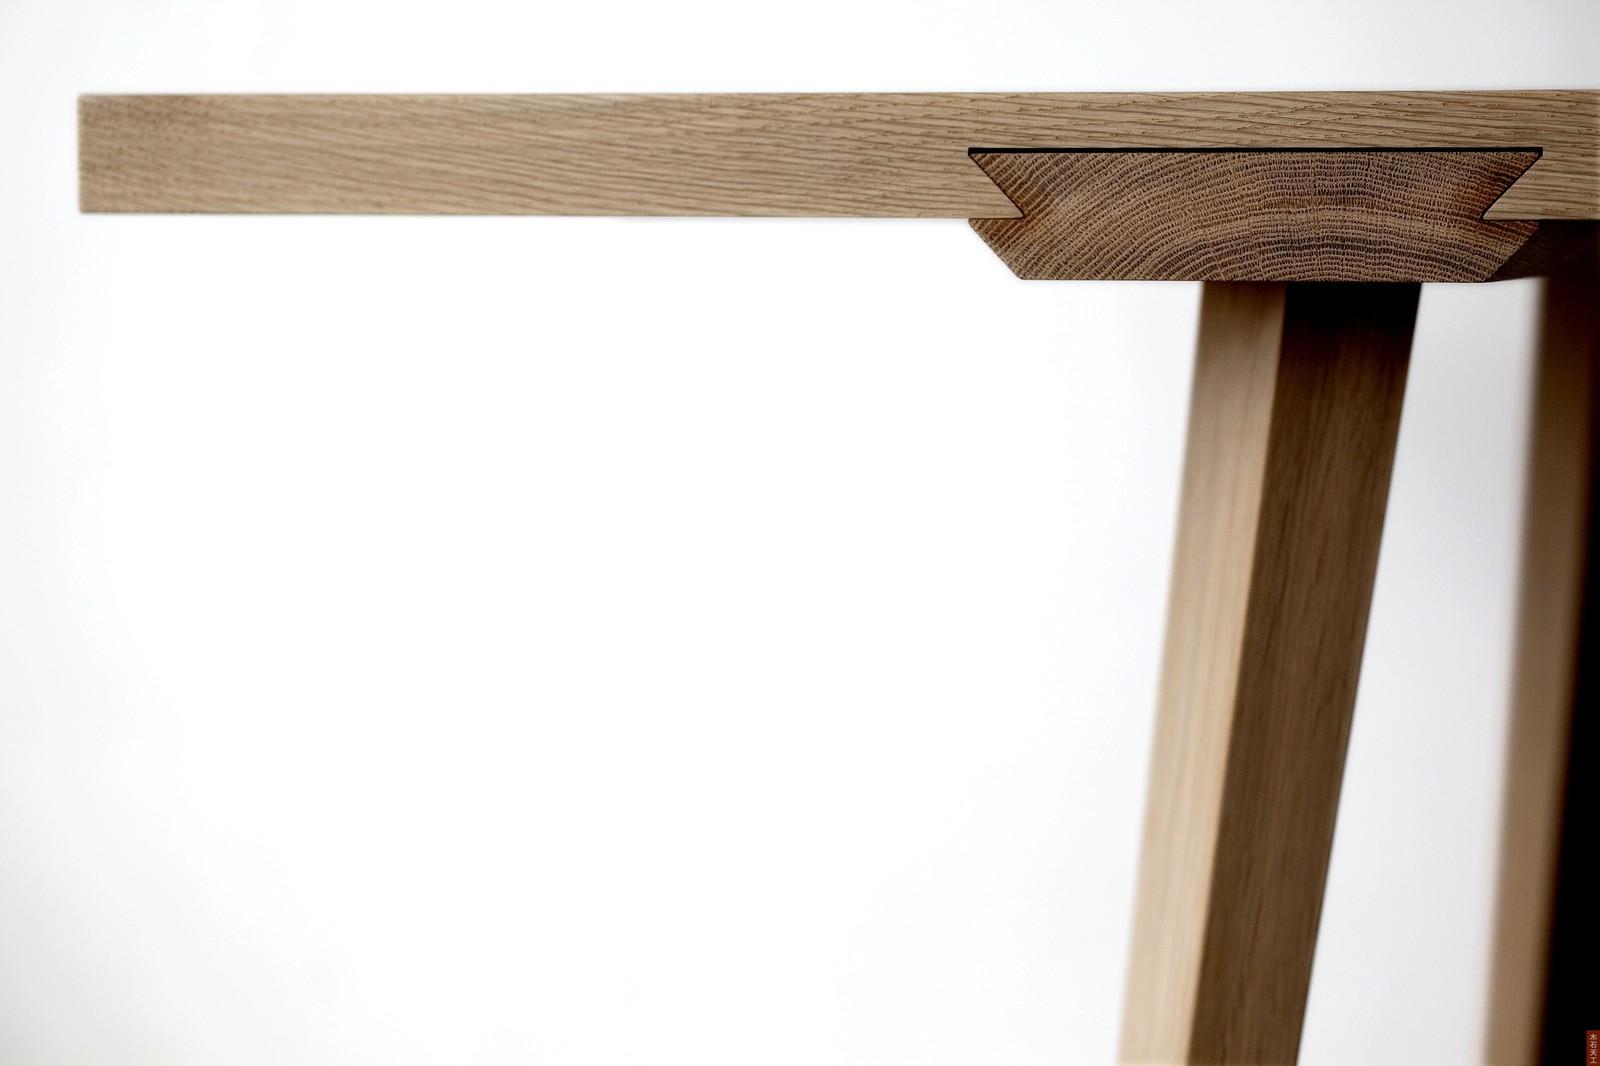 Timber-table-hisheji (2)